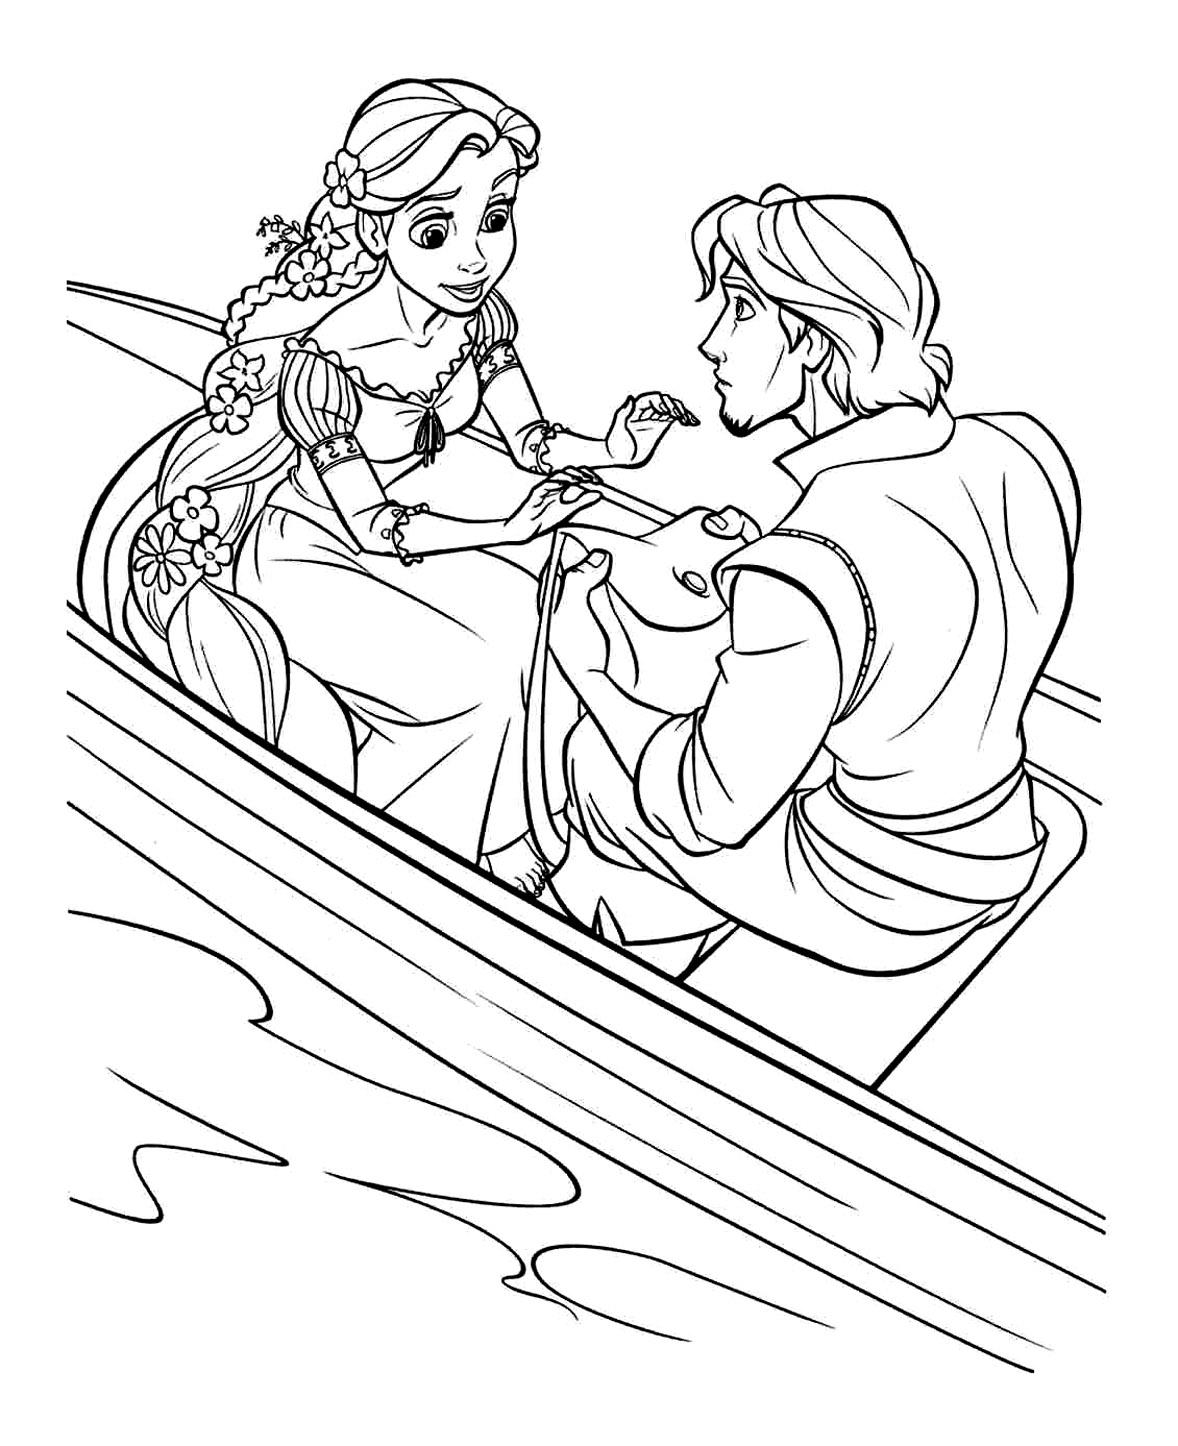 dessin colorier de raiponce et son prince